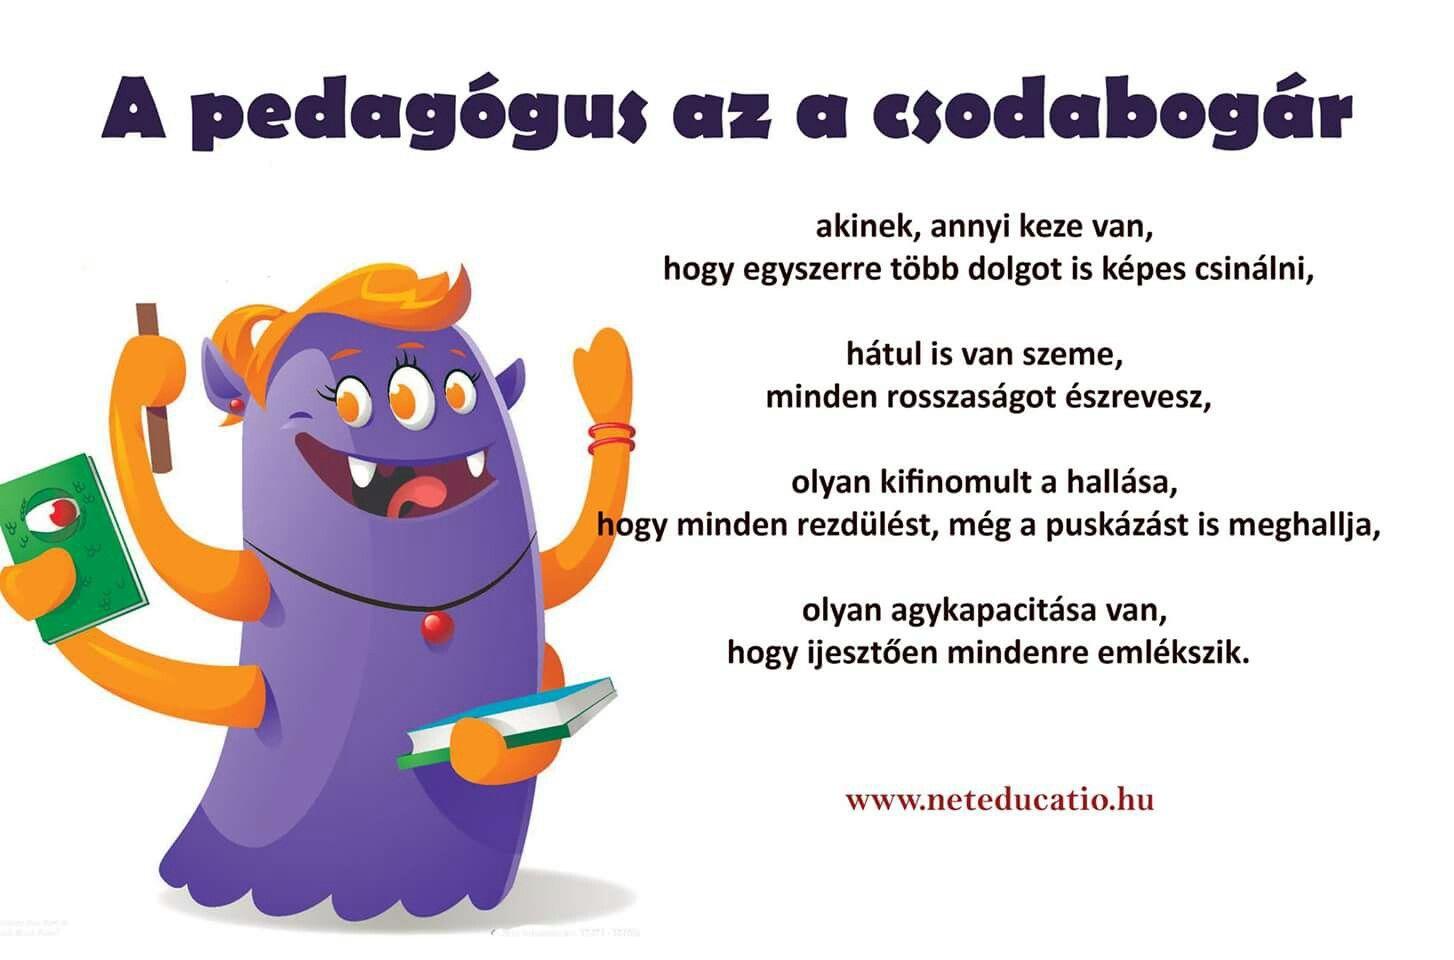 tanulás idézetek vicces Pin by Miklósné Farkas on Idézetek, képek, köszöntések | Funny